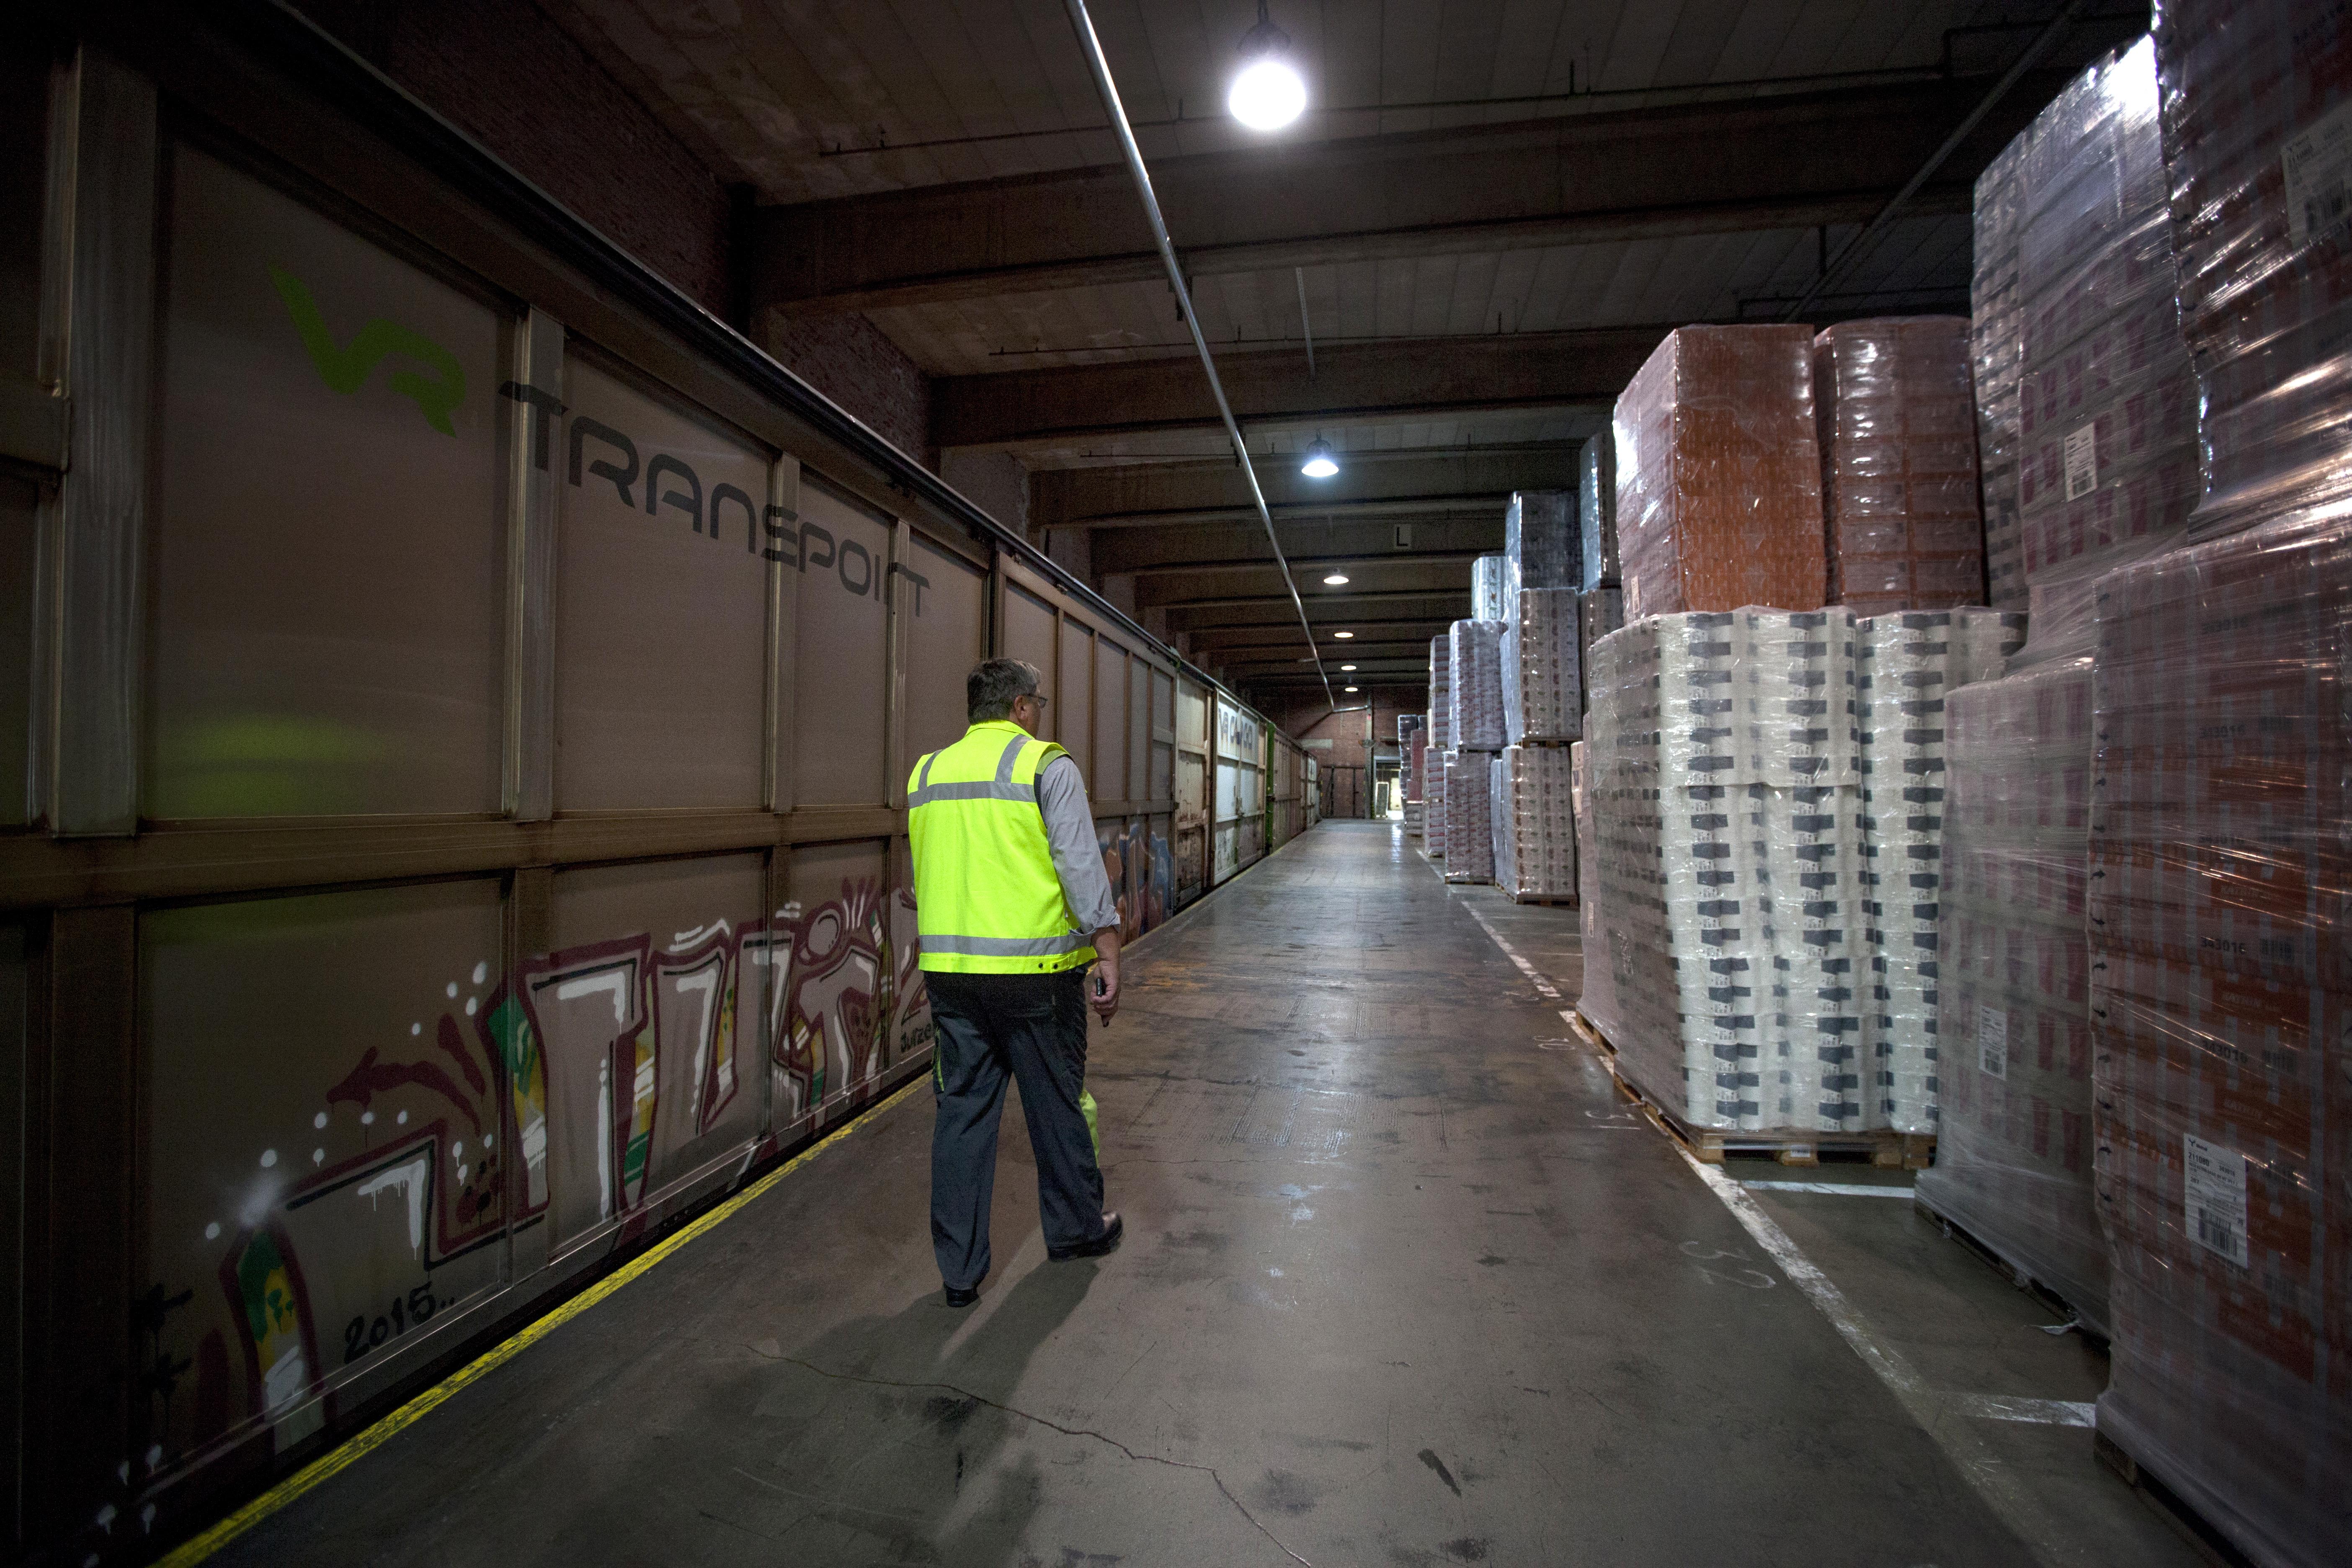 Timo Virtasen työpaikalla Mäntässä tuotanto halutaan varmistaa myös poikkeusoloissa.